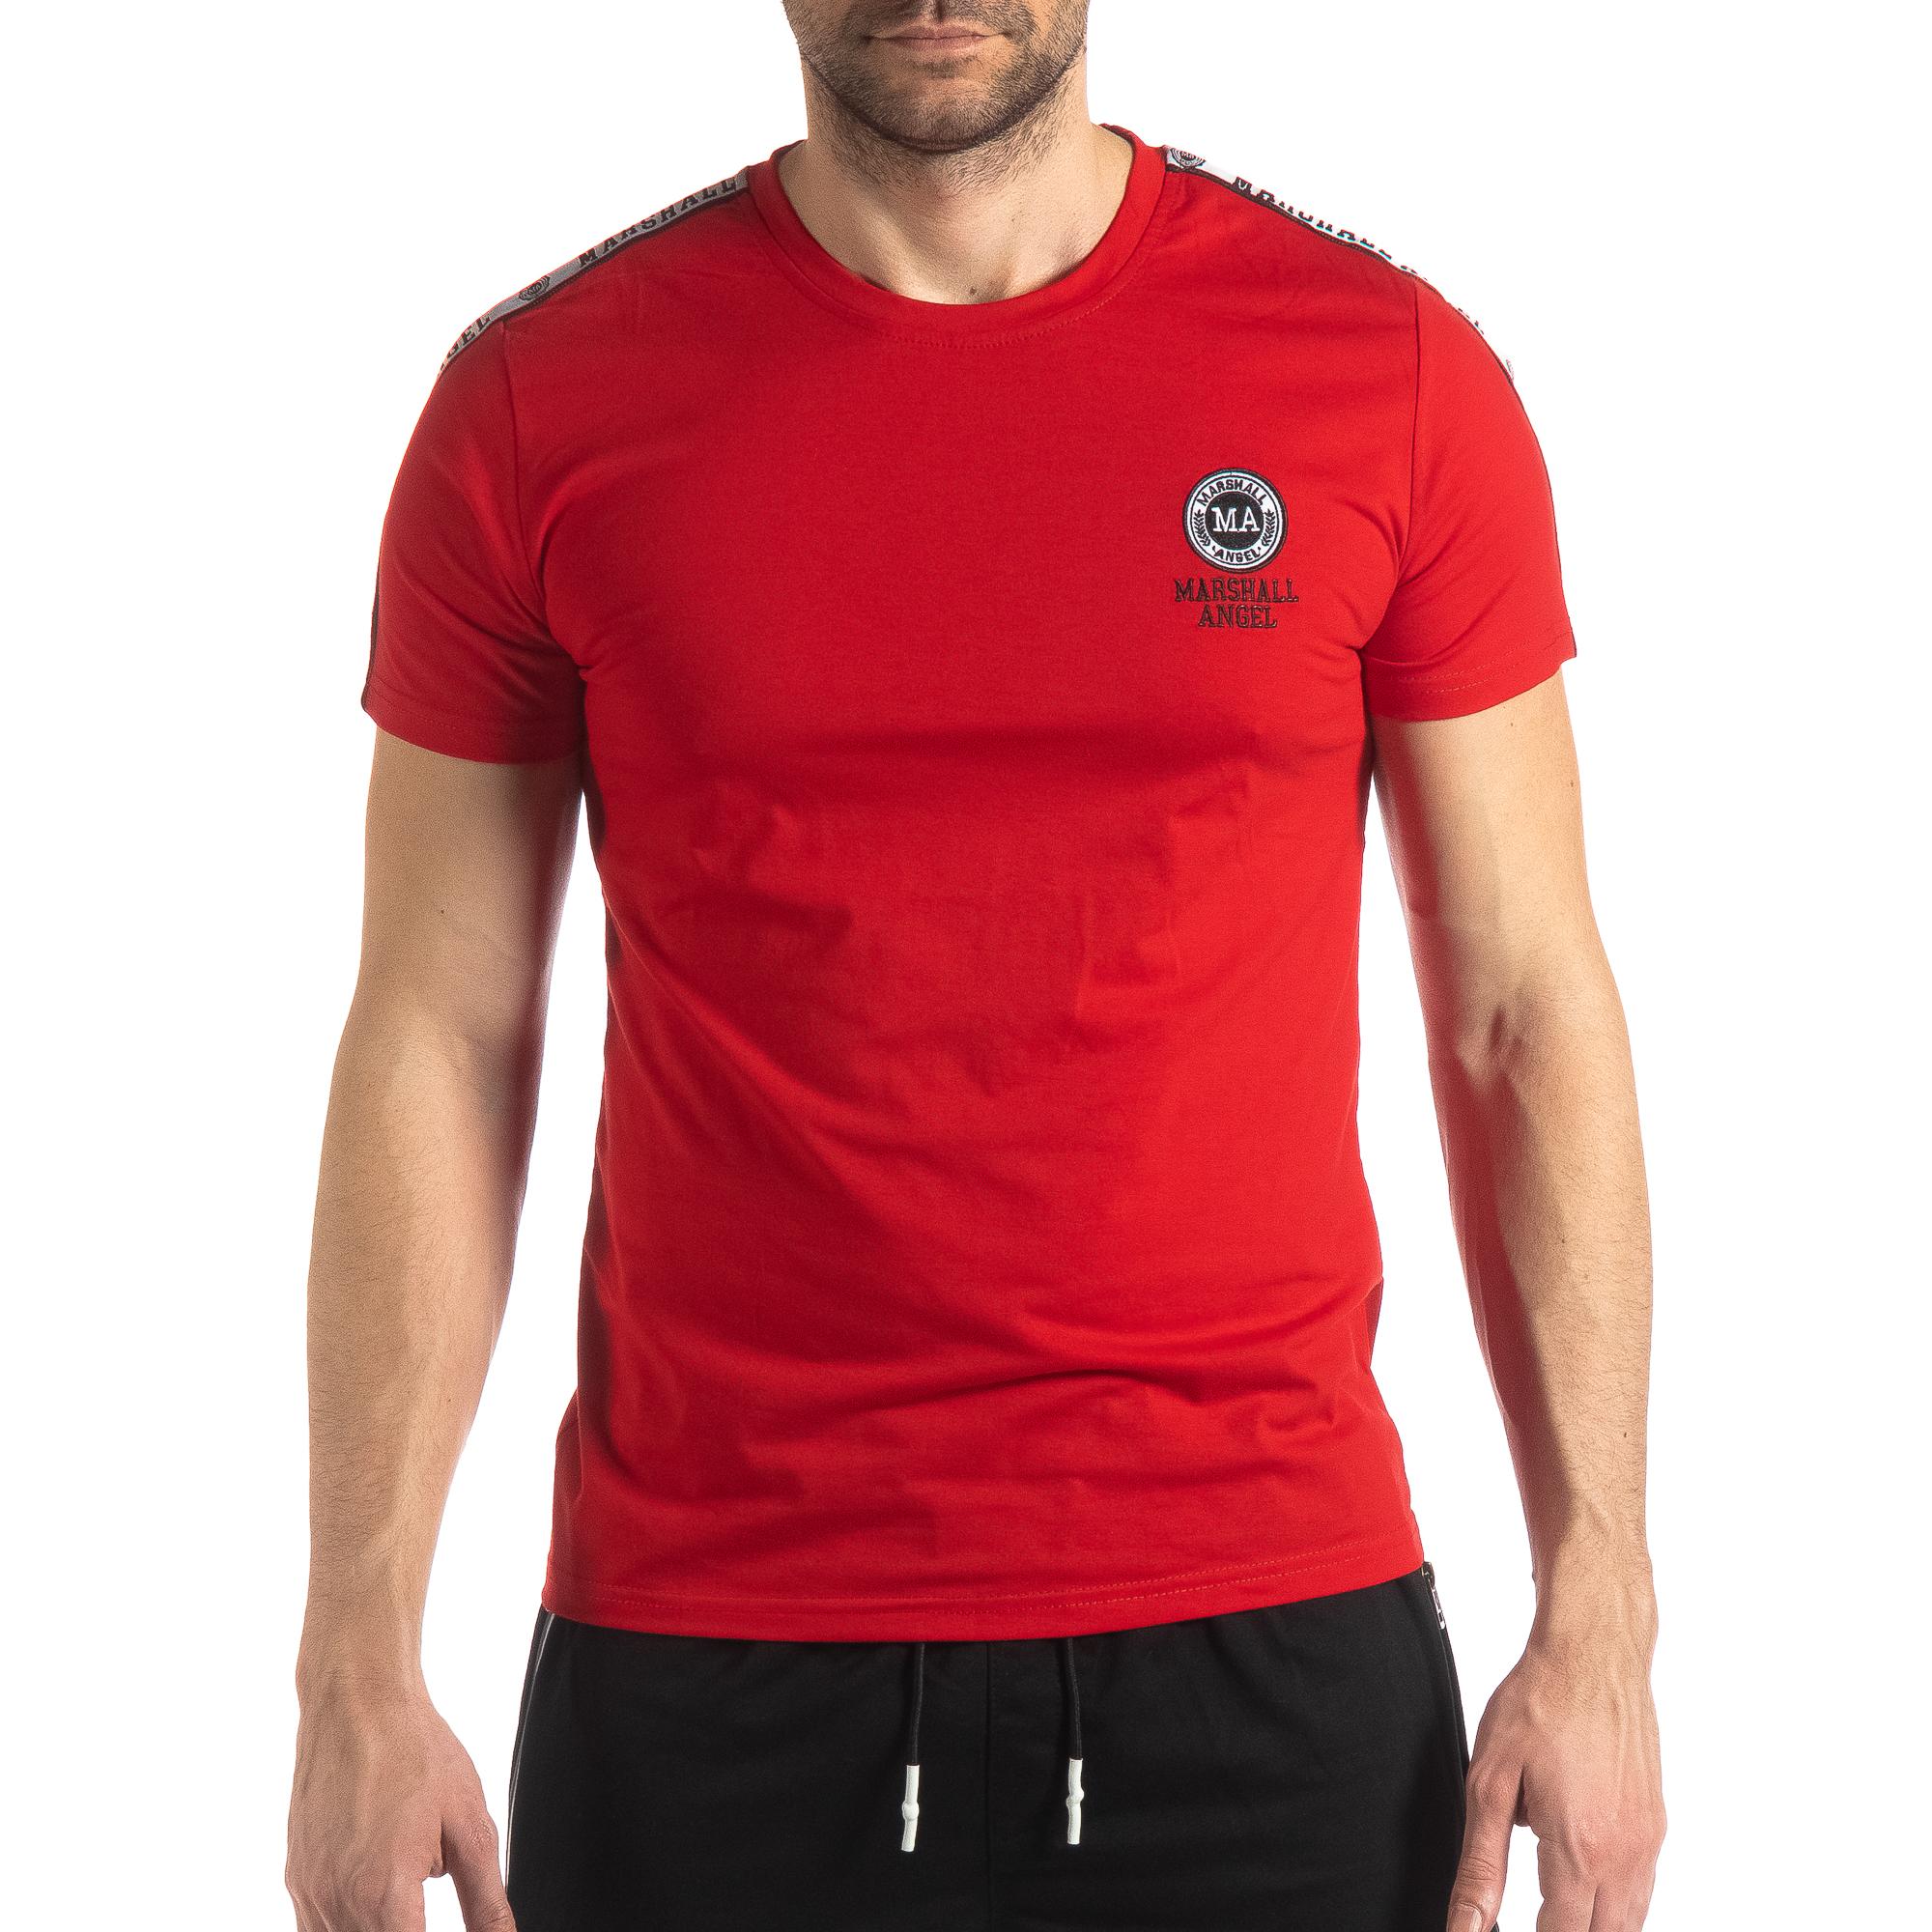 64e3b5111b9a Ανδρική κόκκινη κοντομάνικη μπλούζα με λογότυπο